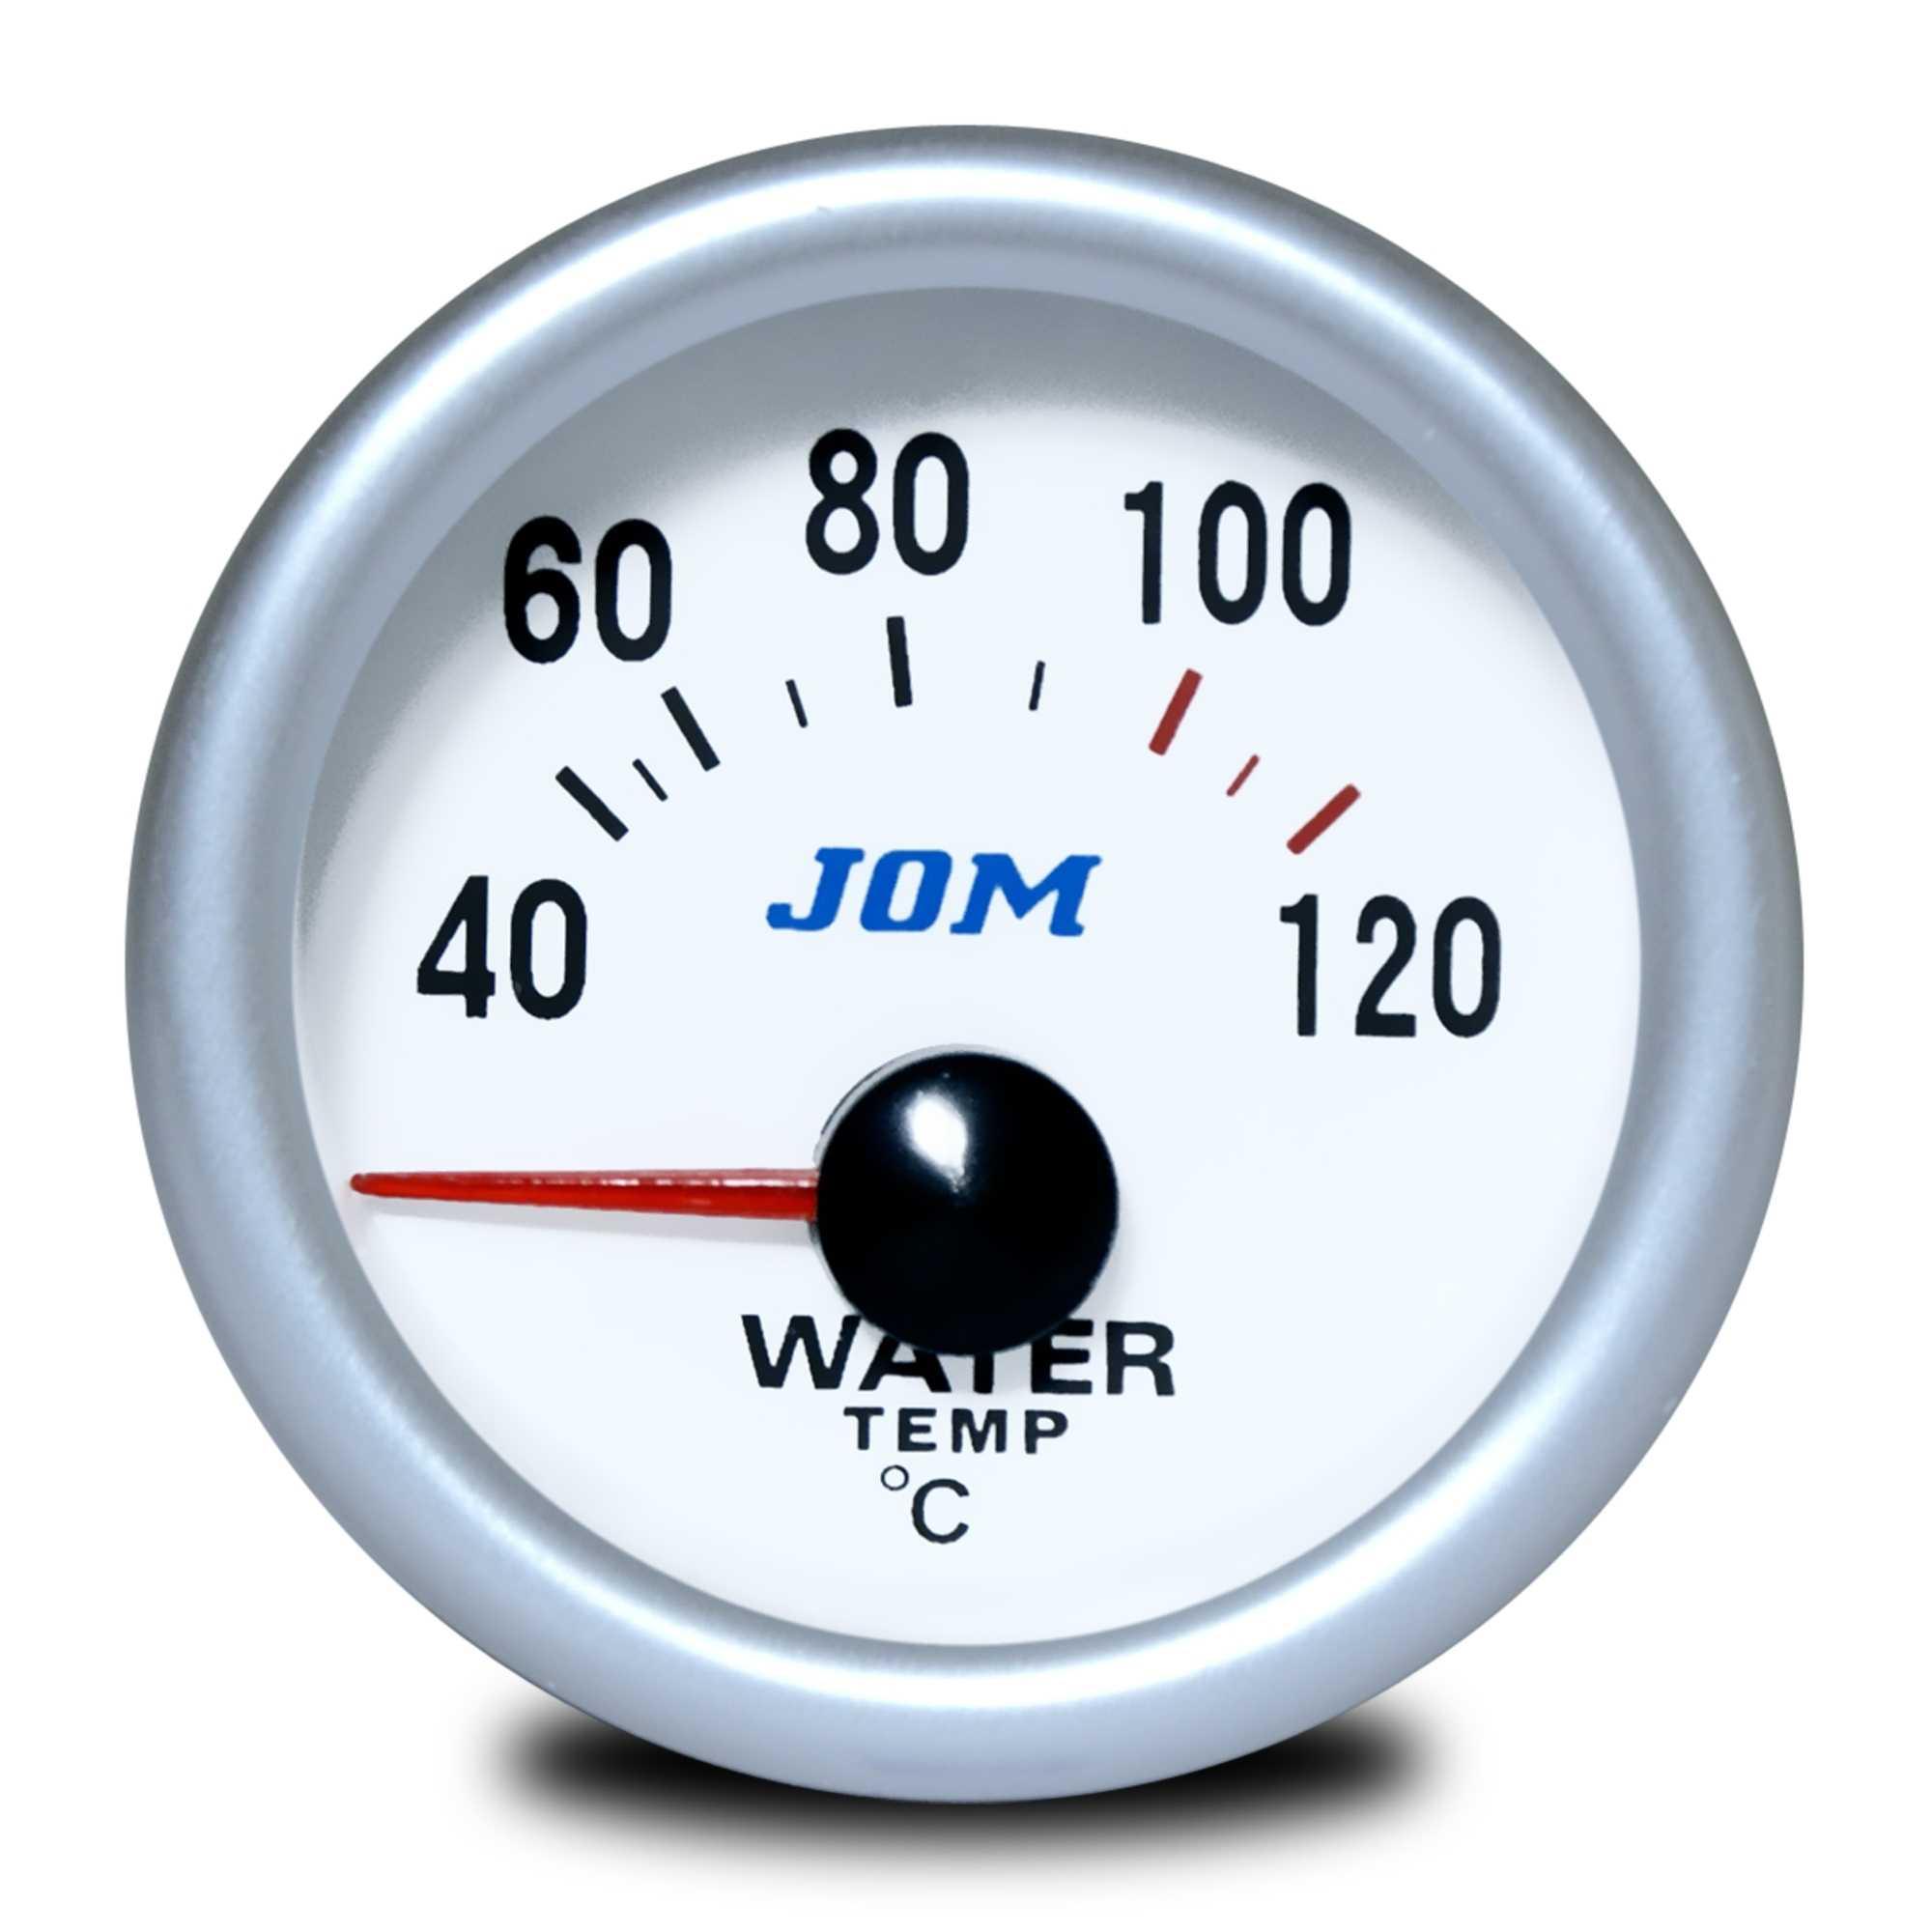 Palubní přístroj - teplota vody s bílým podkladem (Teplota vody přídavný ukazatel)